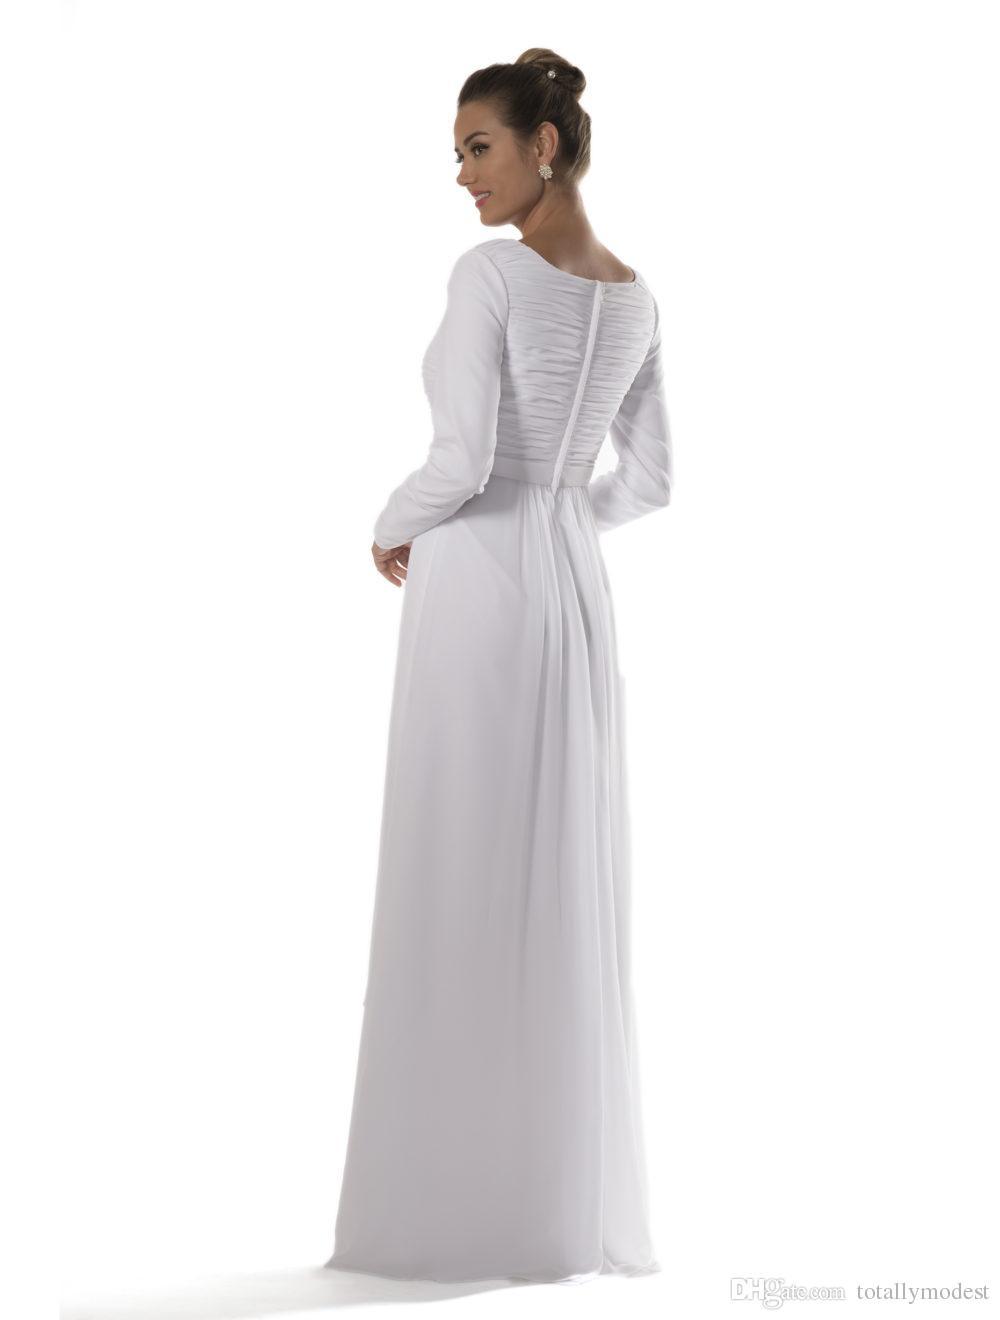 긴 소매와 함께 롱 롱 겸손한 신부 들러리 드레스 화이트 쉬폰 신부 사원 리셉션 리셉션 드레스 비공식 맞춤형 맞춤 제작